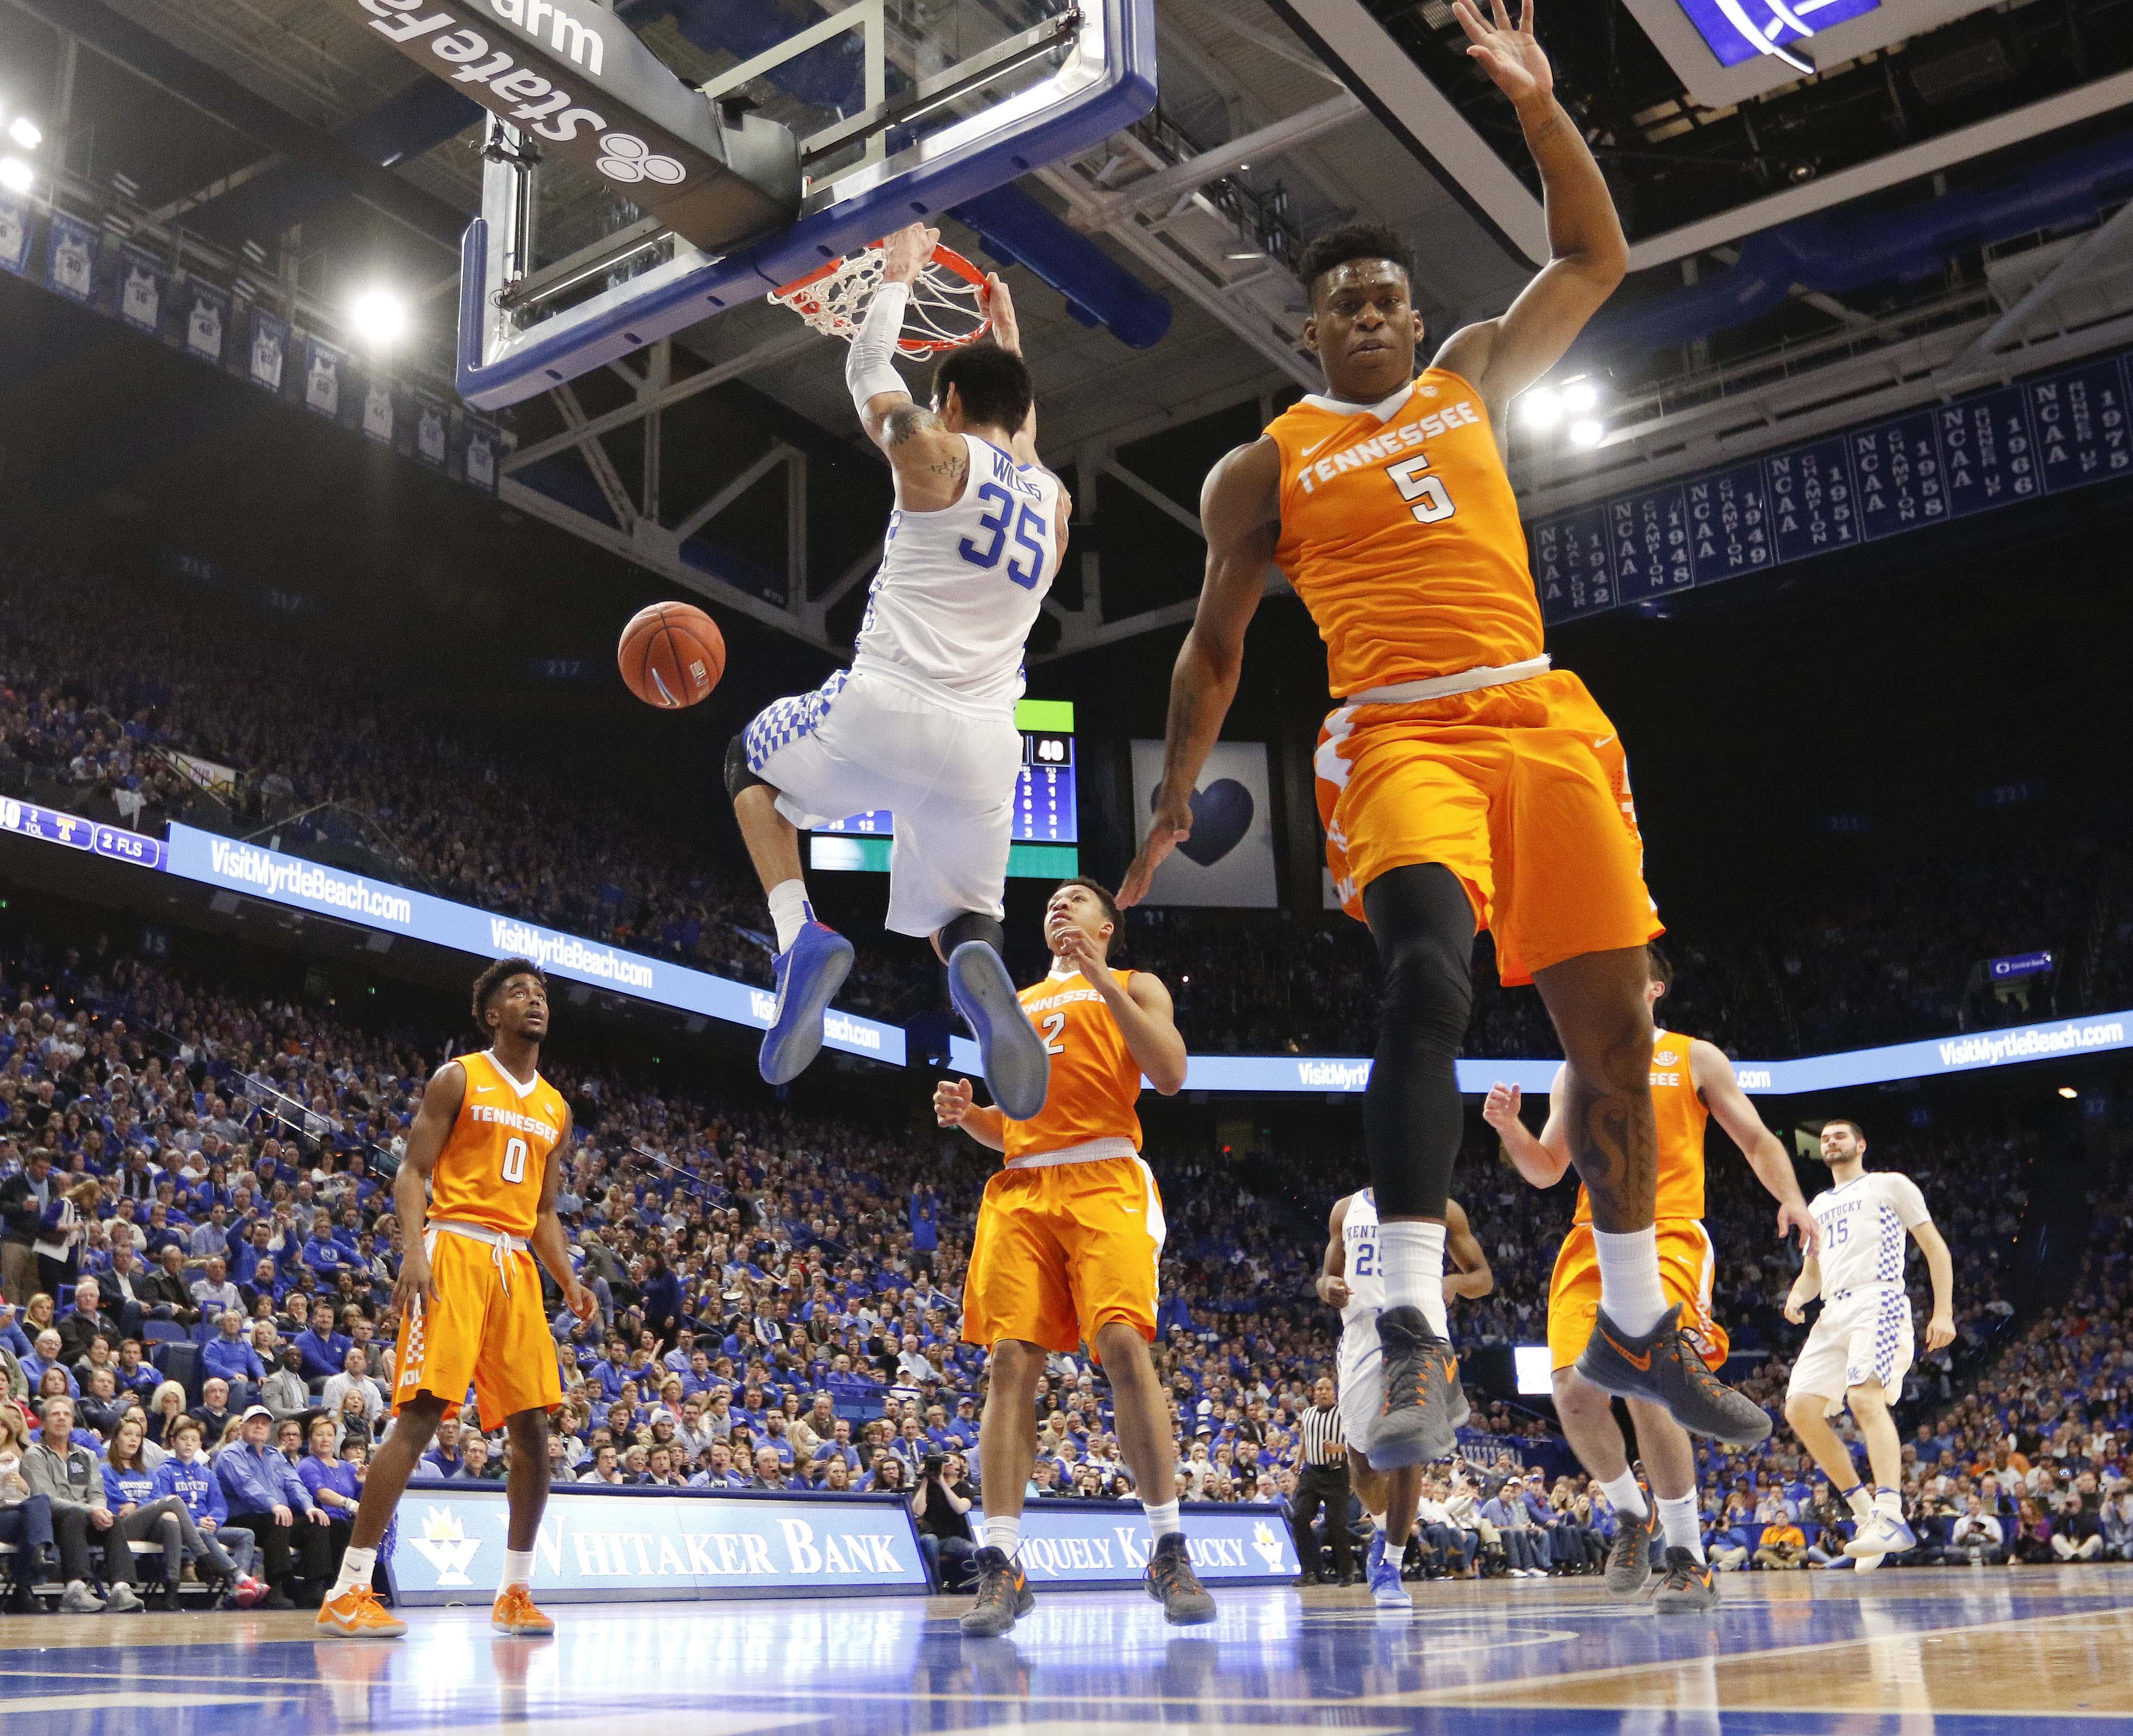 Kentucky Basketball Uk Has Second Best Odds To Win: Kentucky Wildcats Vs Auburn Tigers: Start Time, TV Info